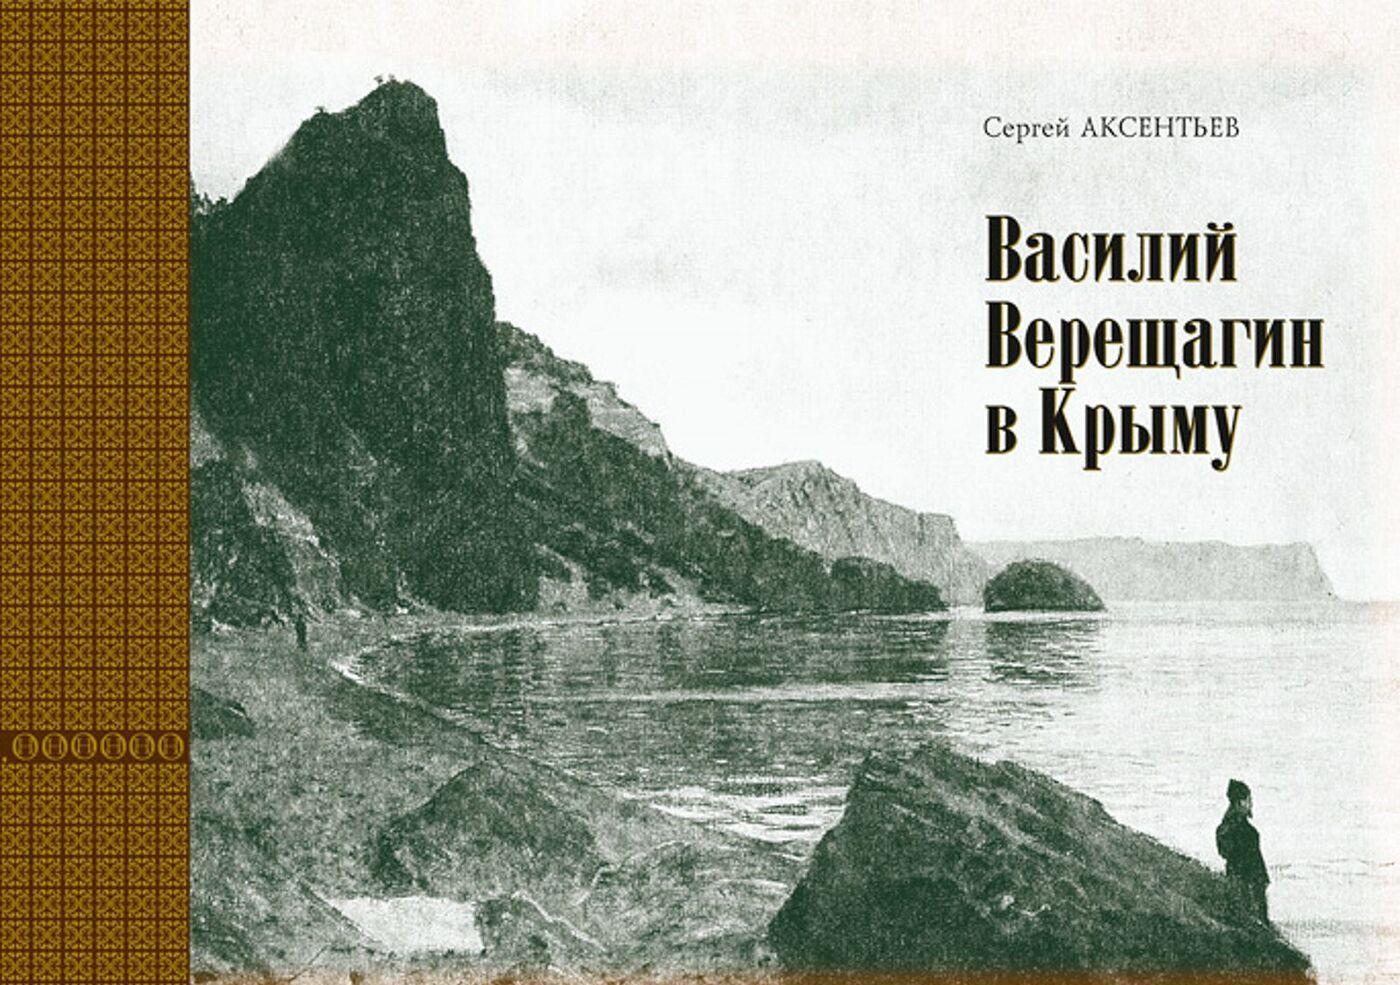 Vasilij Vereschagin v Krymu